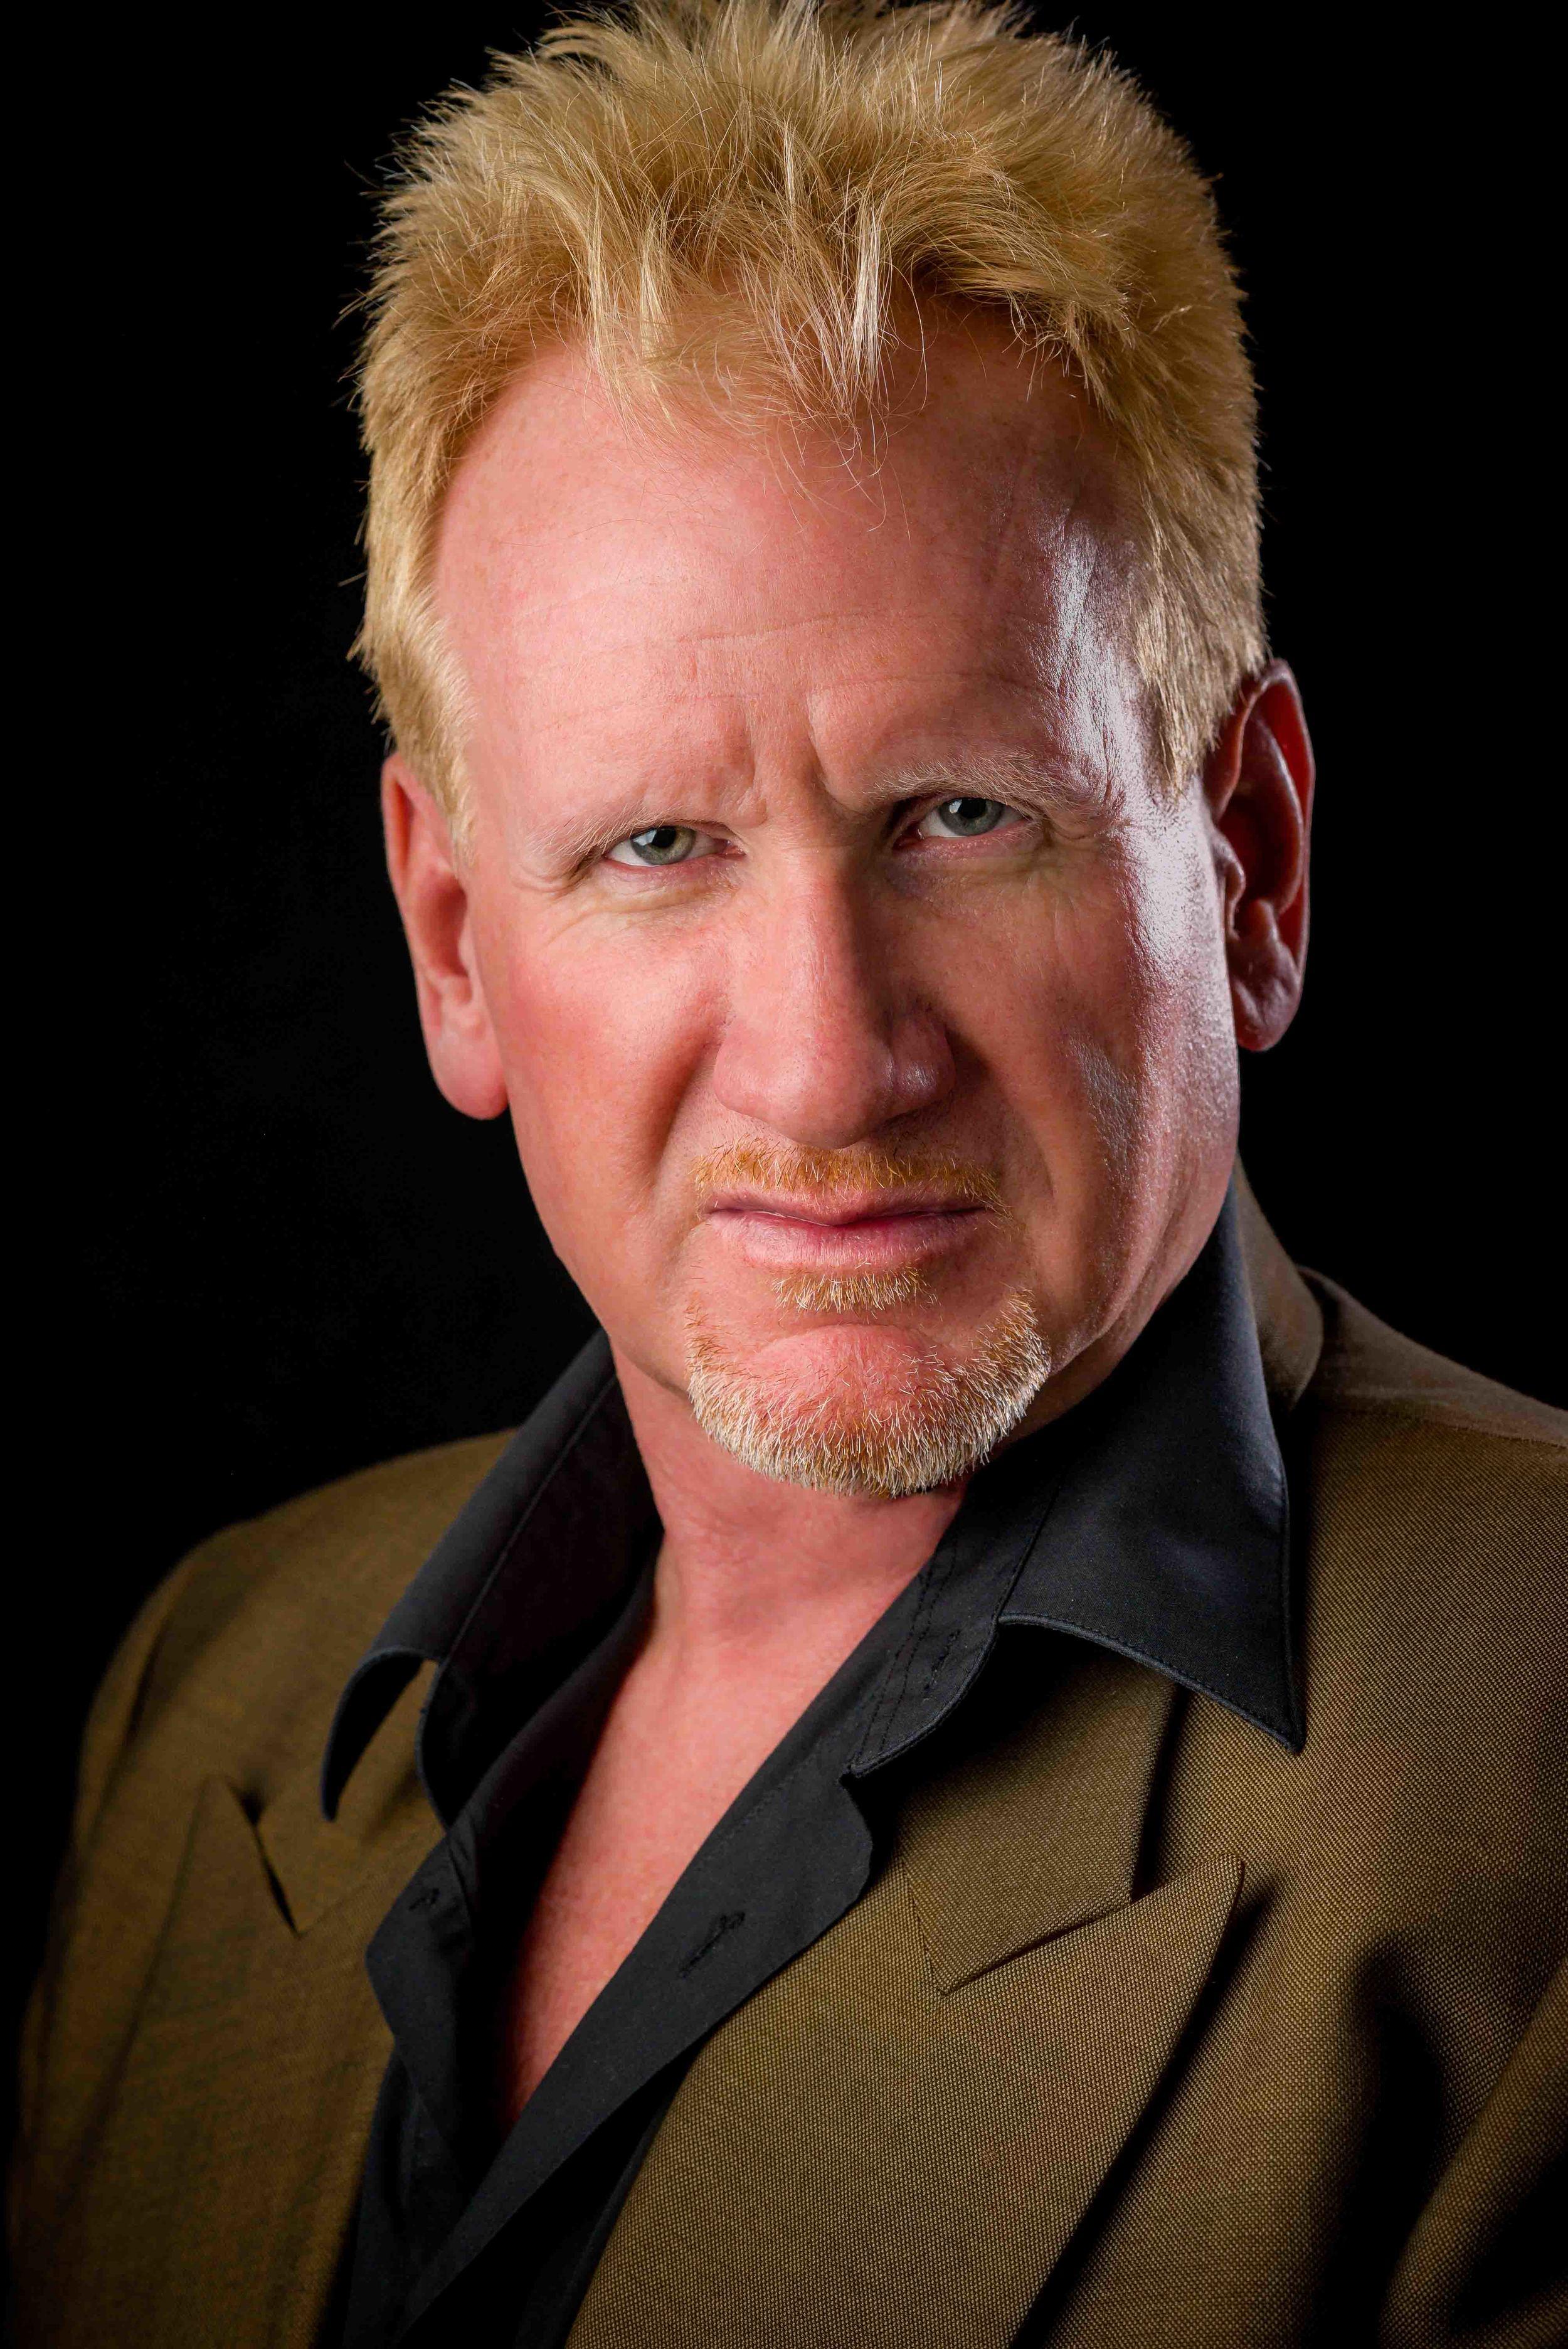 Terry L Portrait Shoot